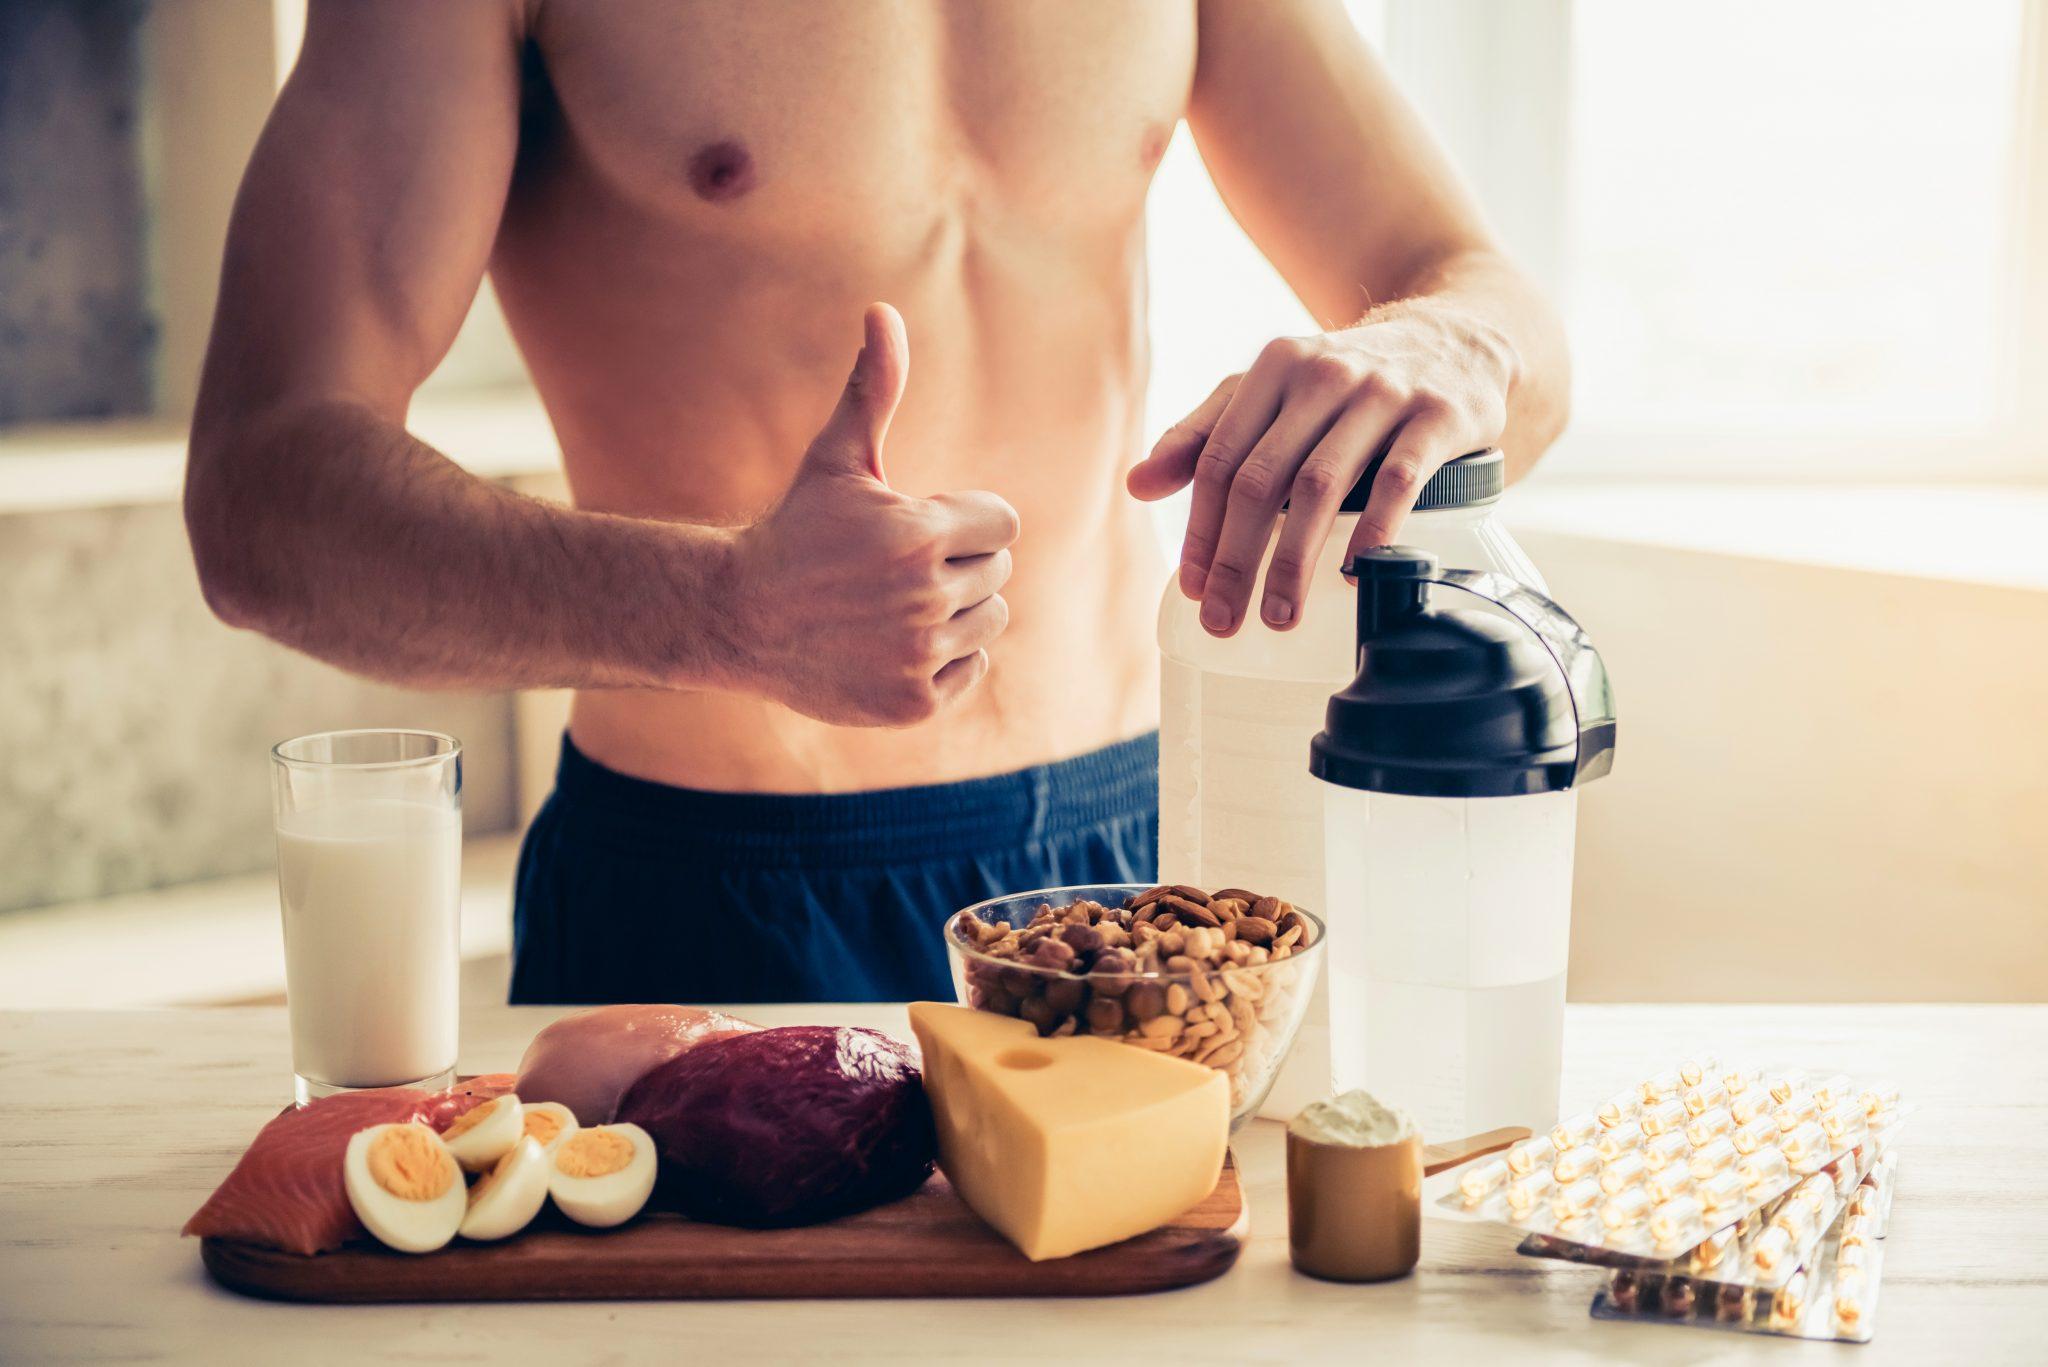 筋トレ後にたんぱく質を補給しようとしている男性